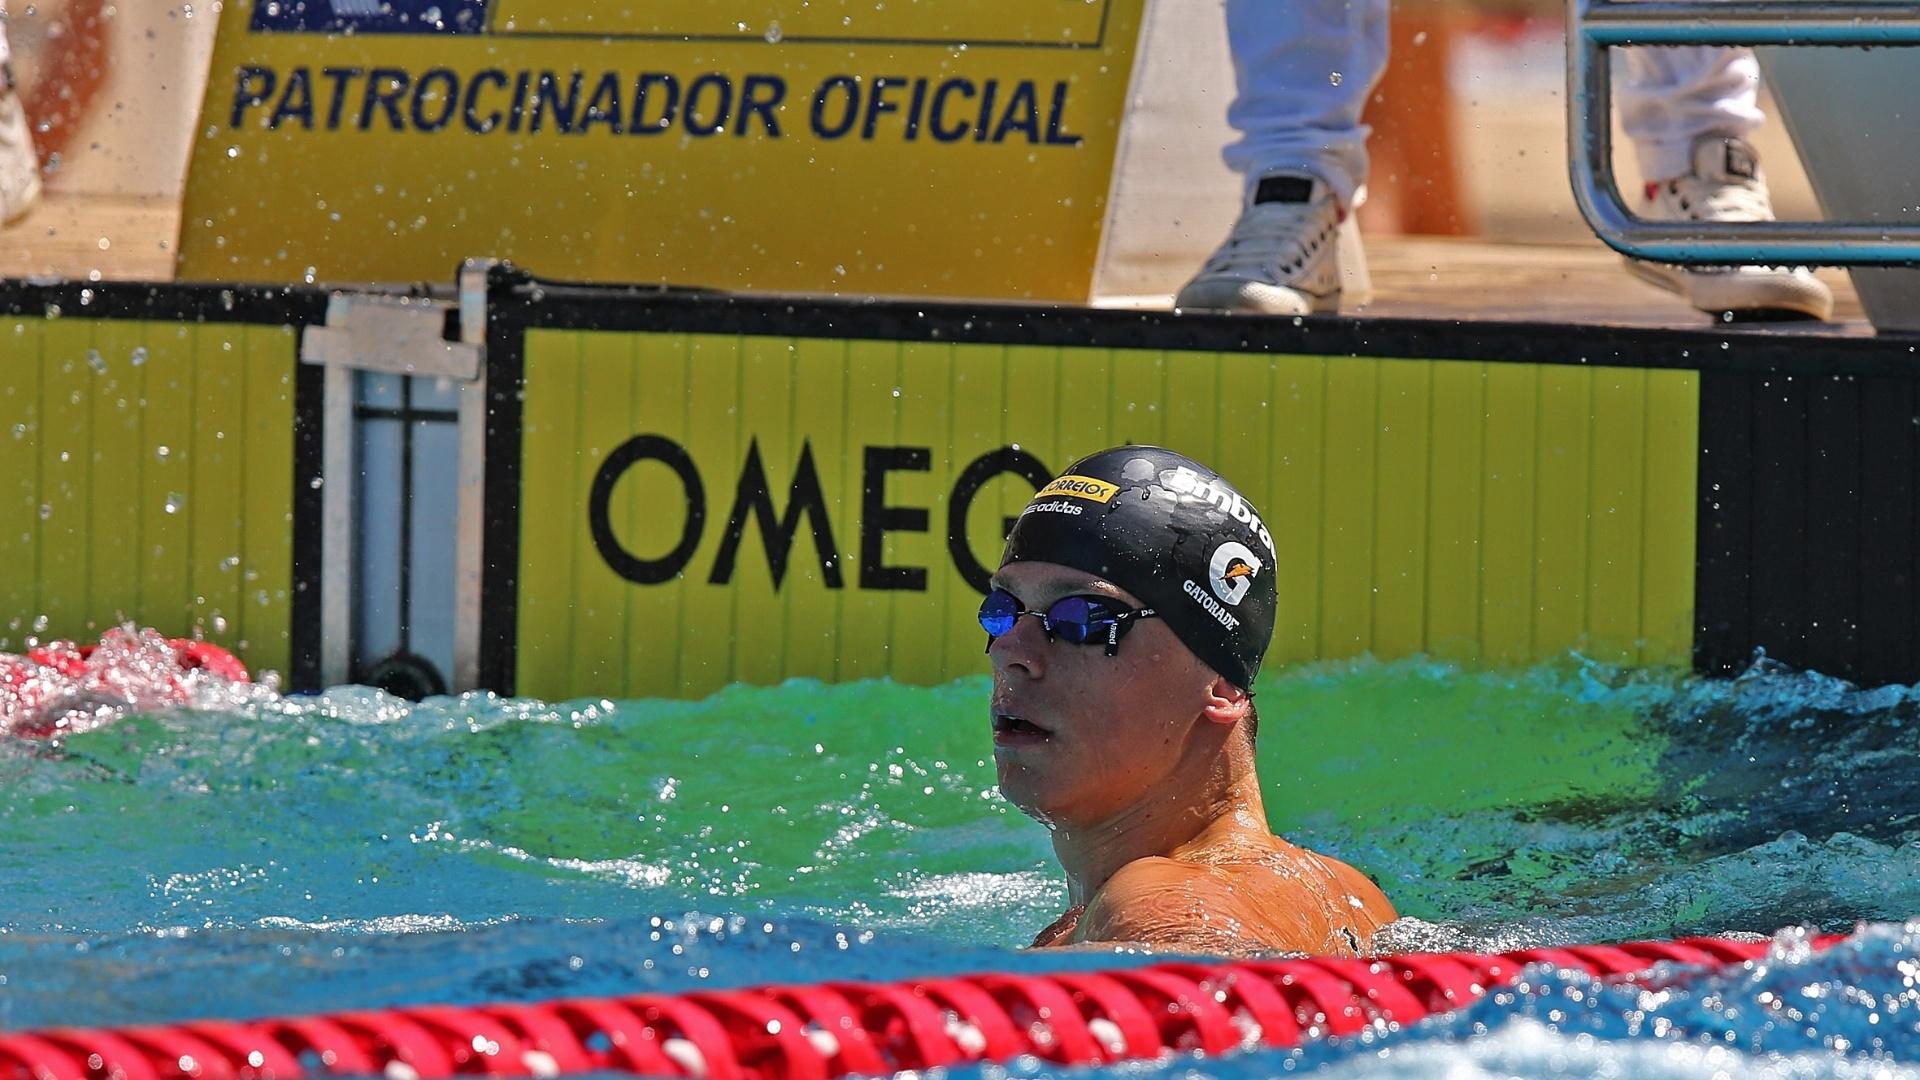 24.abr.2013 - Cesar Cielo é visto na piscina durante o Troféu Maria Lenk